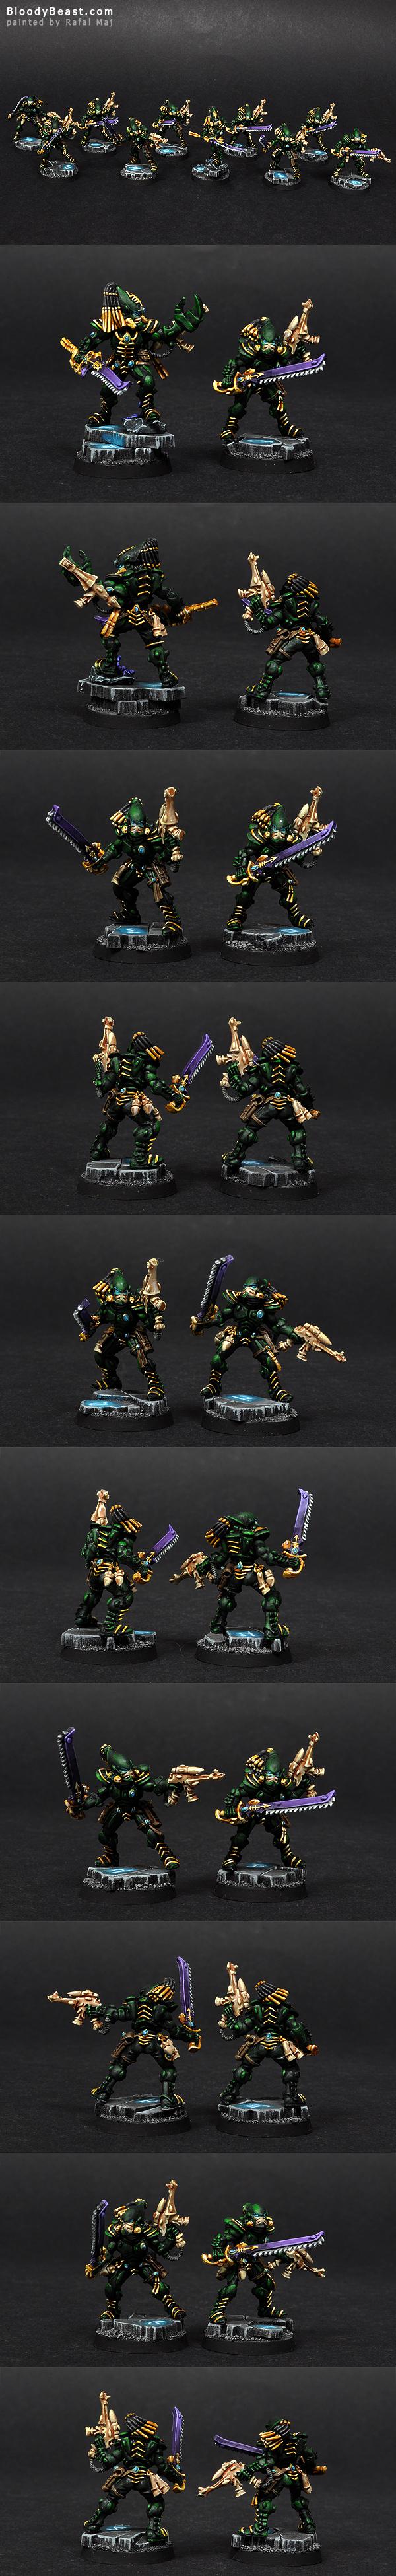 Eldar Striking Scorpions painted by Rafal Maj (BloodyBeast.com)